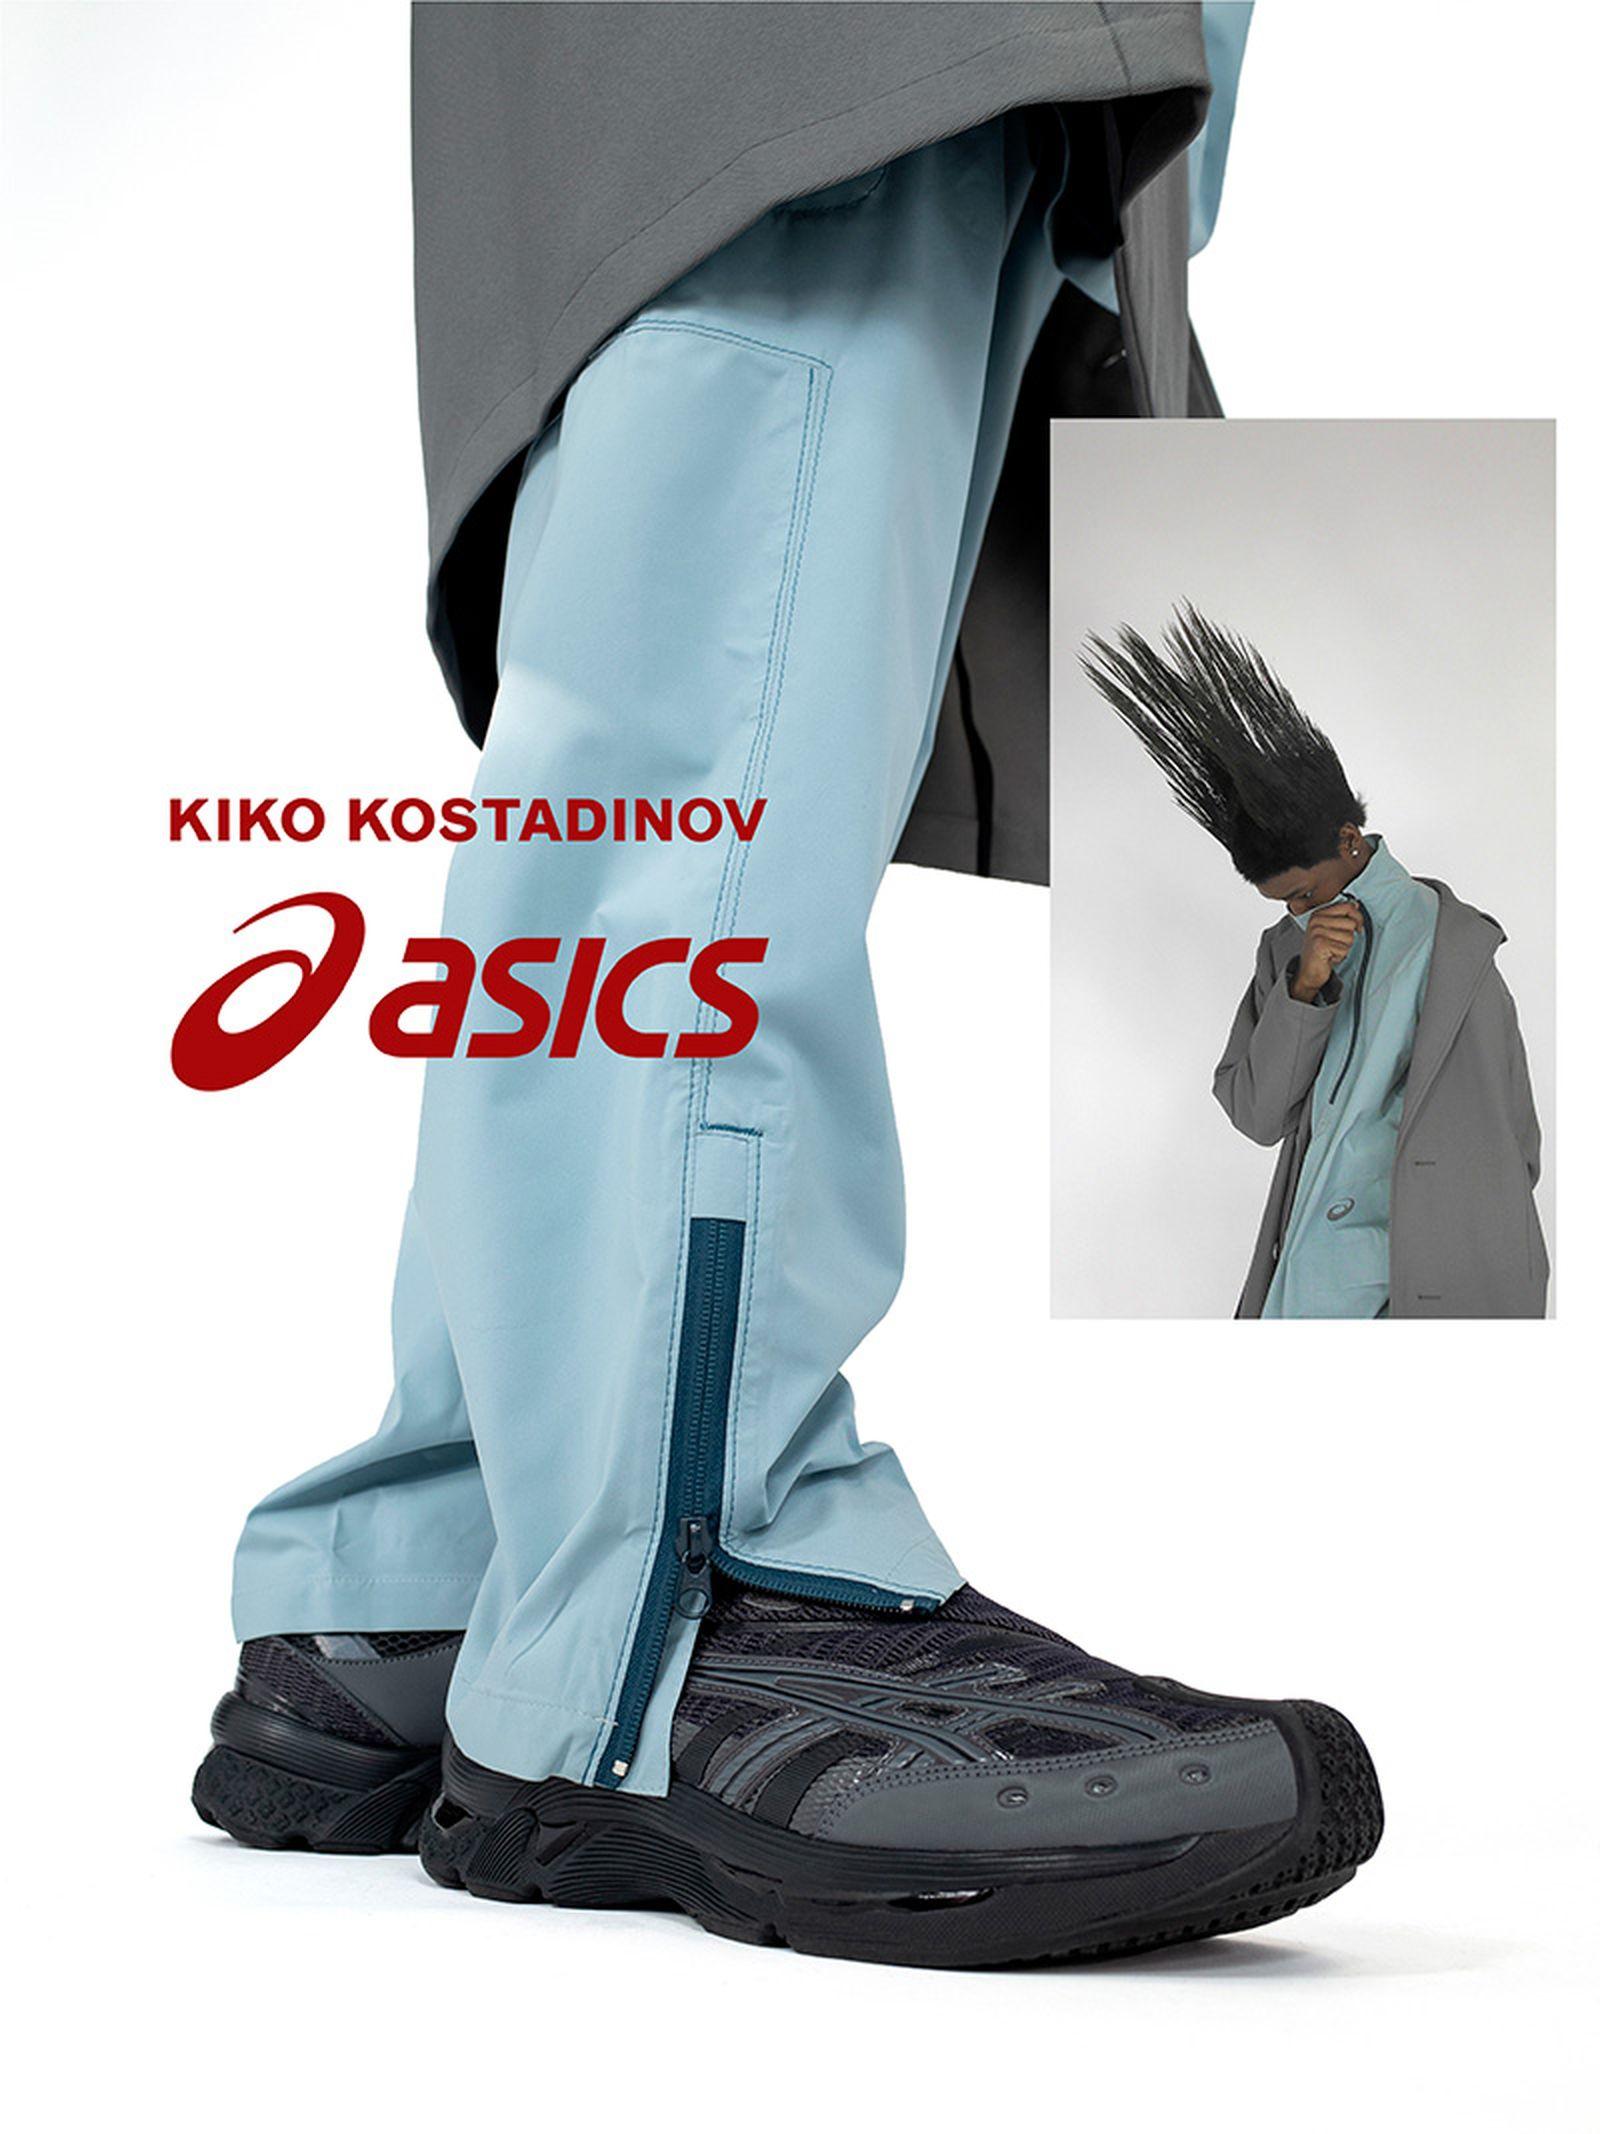 kiko-kostadinov-asics-gel-kiril-2-release-date-price-campaign-06